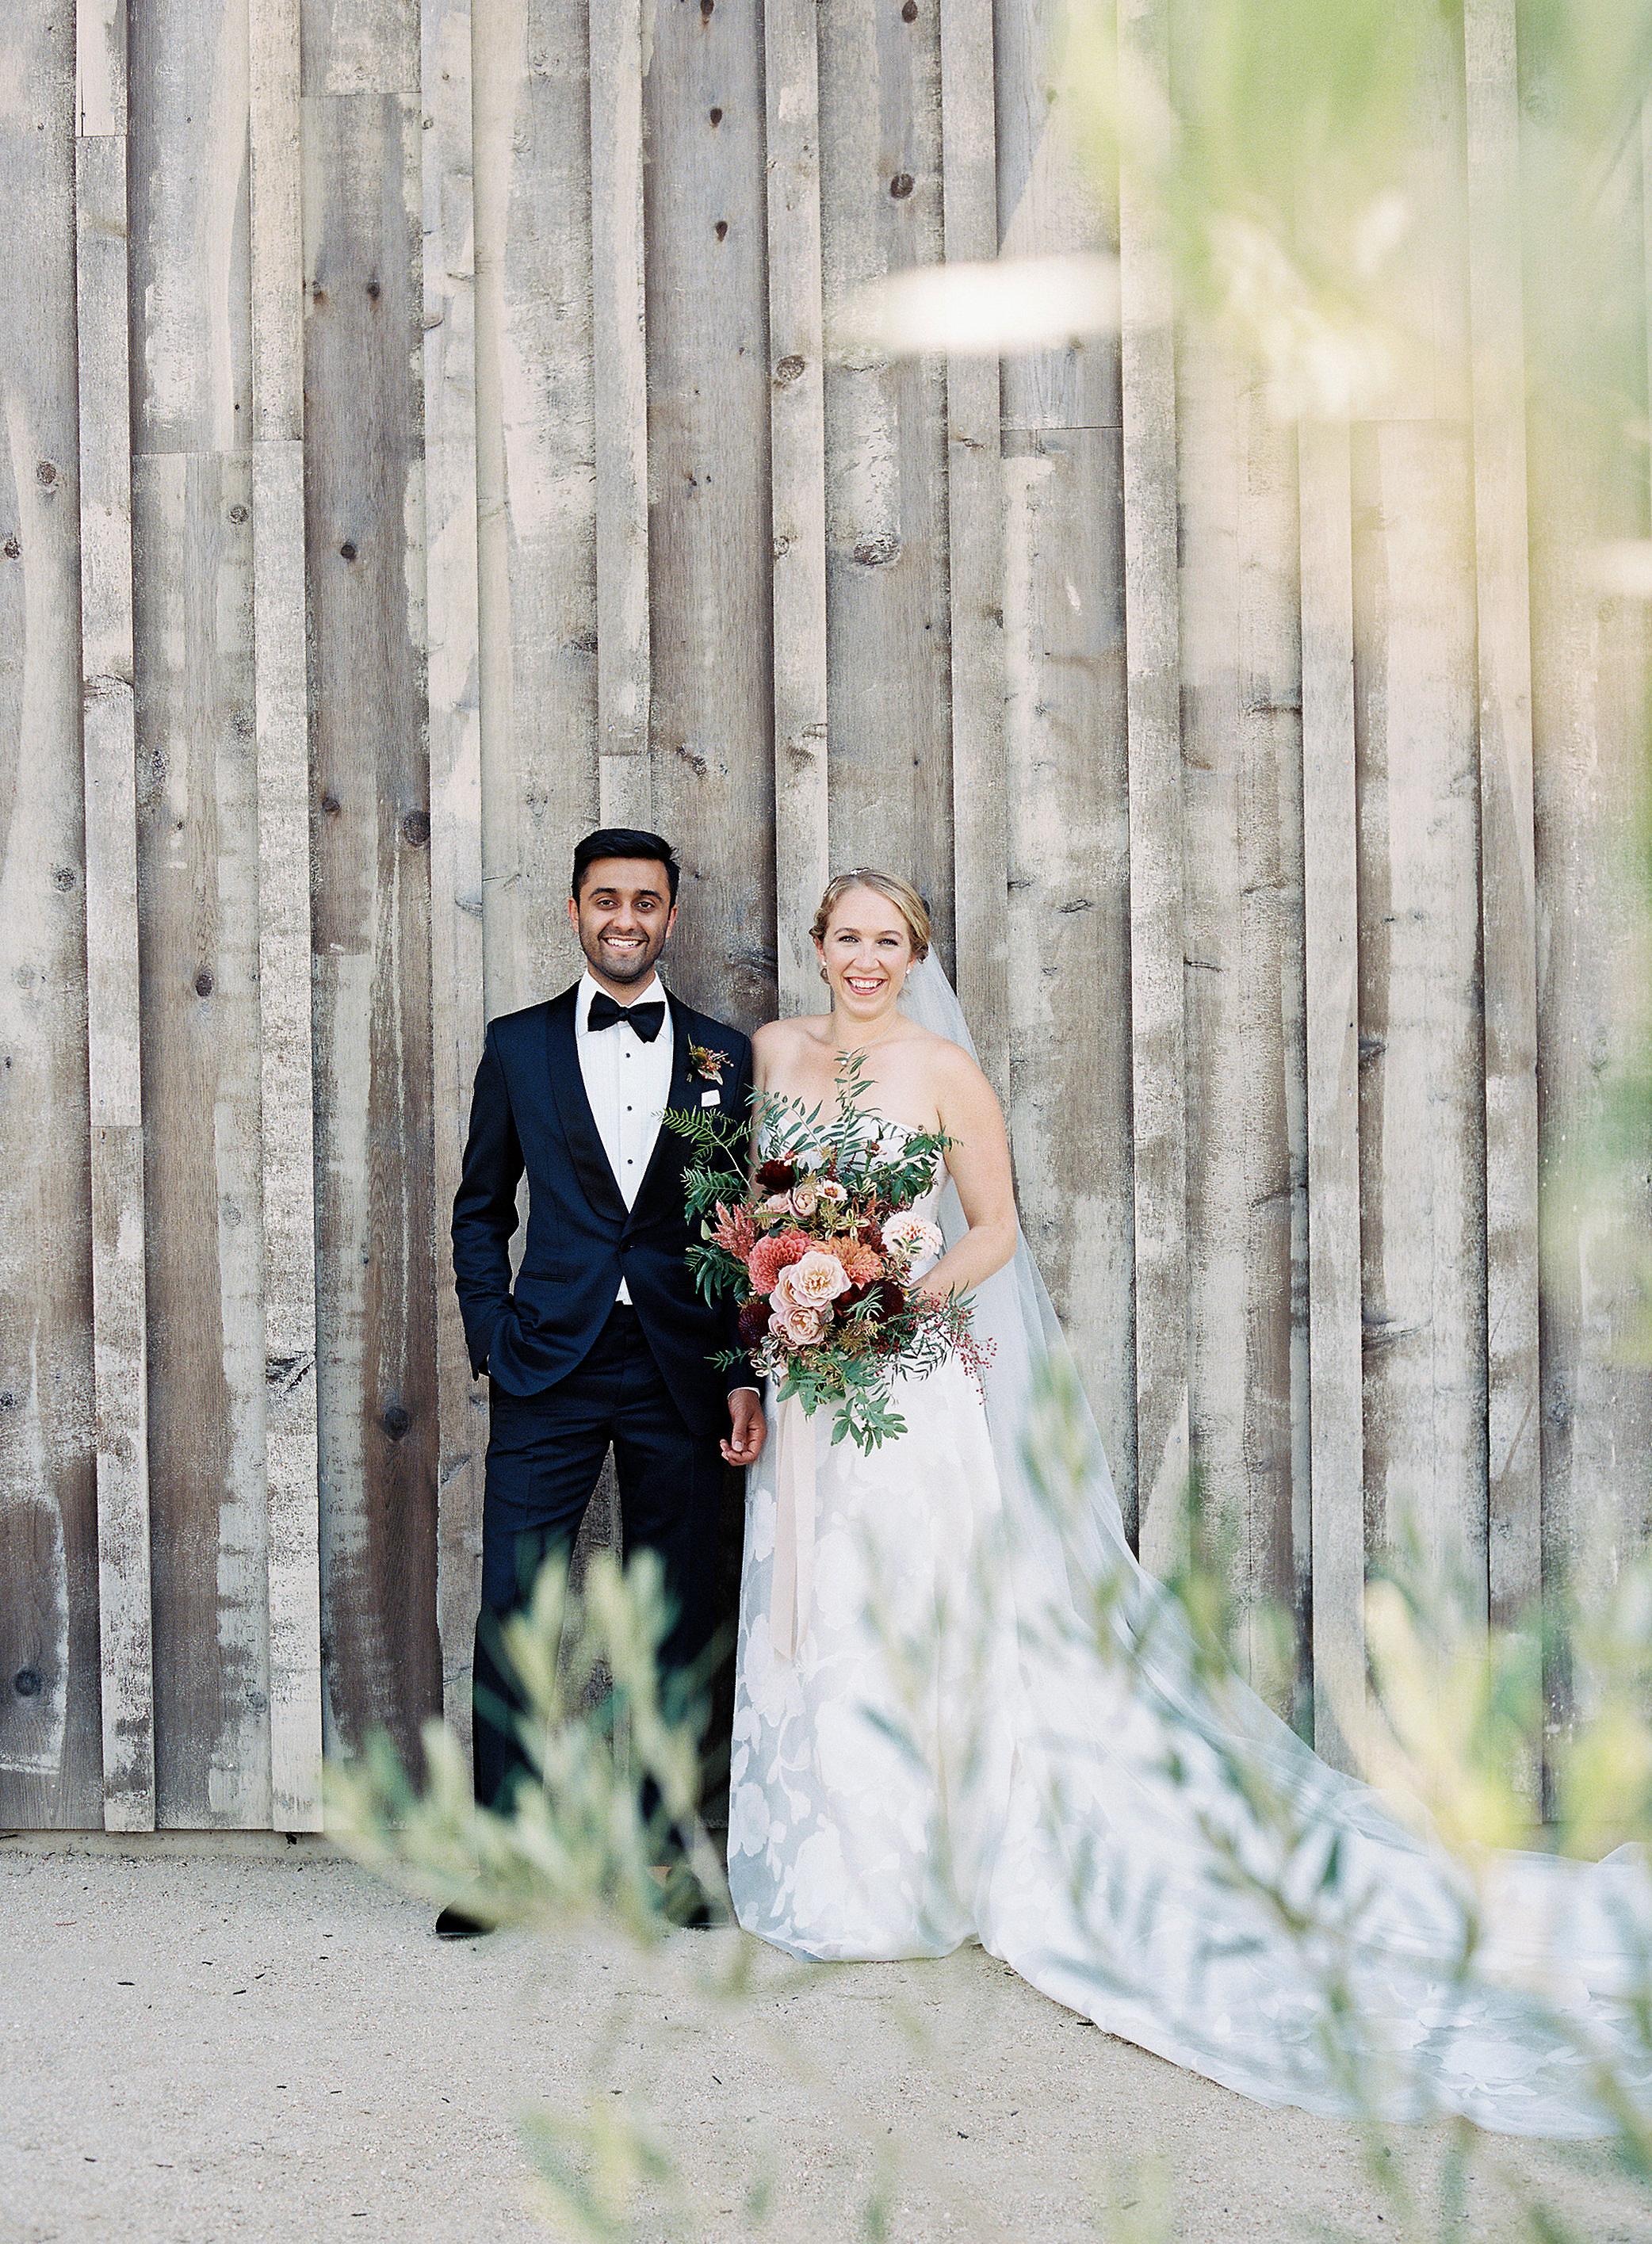 emily siddartha wedding couple bouquet barn